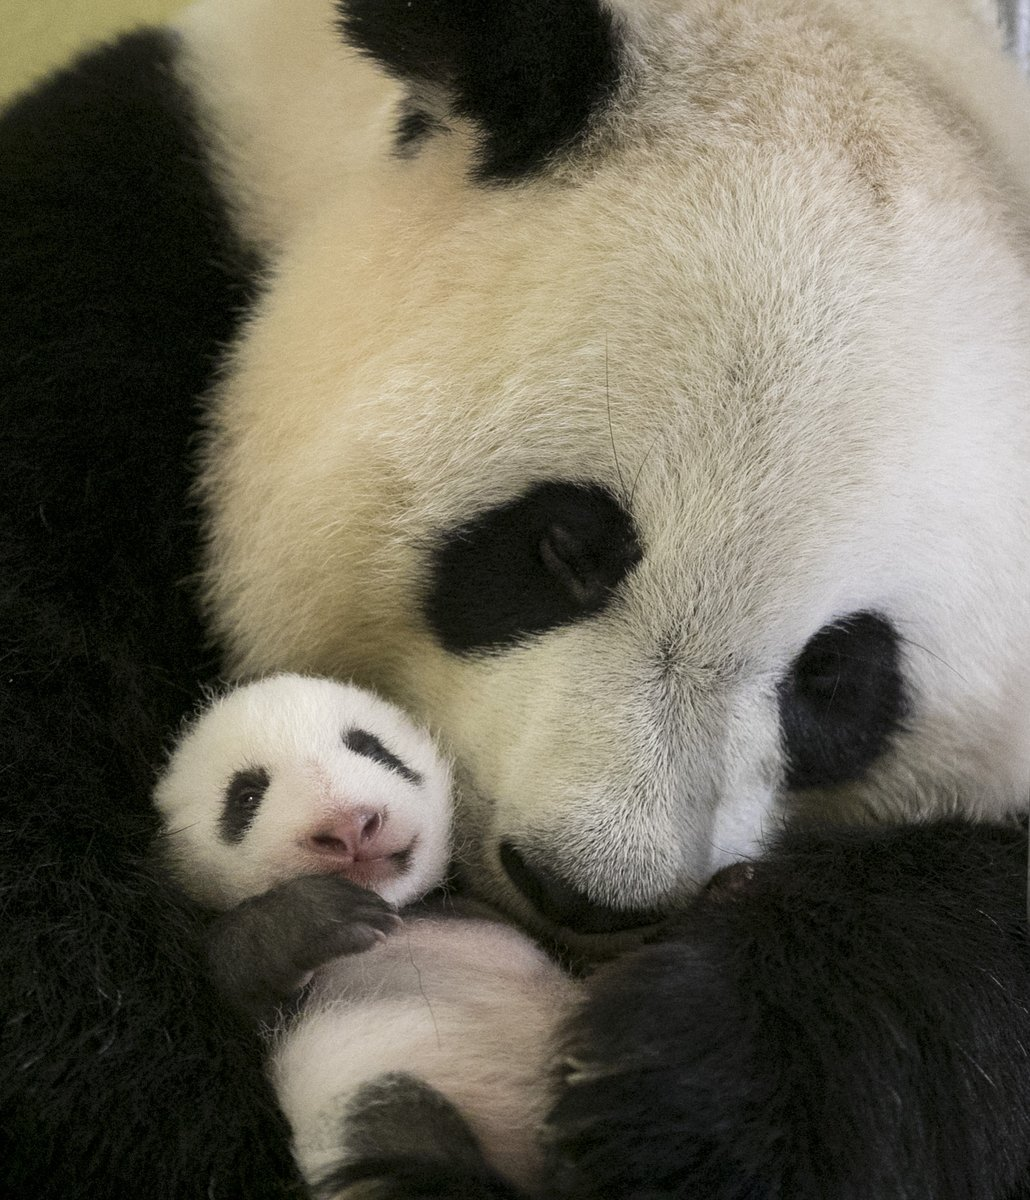 zoo de beauval mini yuan zi qui d passe les 2 kilogrammes a ouvert les yeux et f te. Black Bedroom Furniture Sets. Home Design Ideas